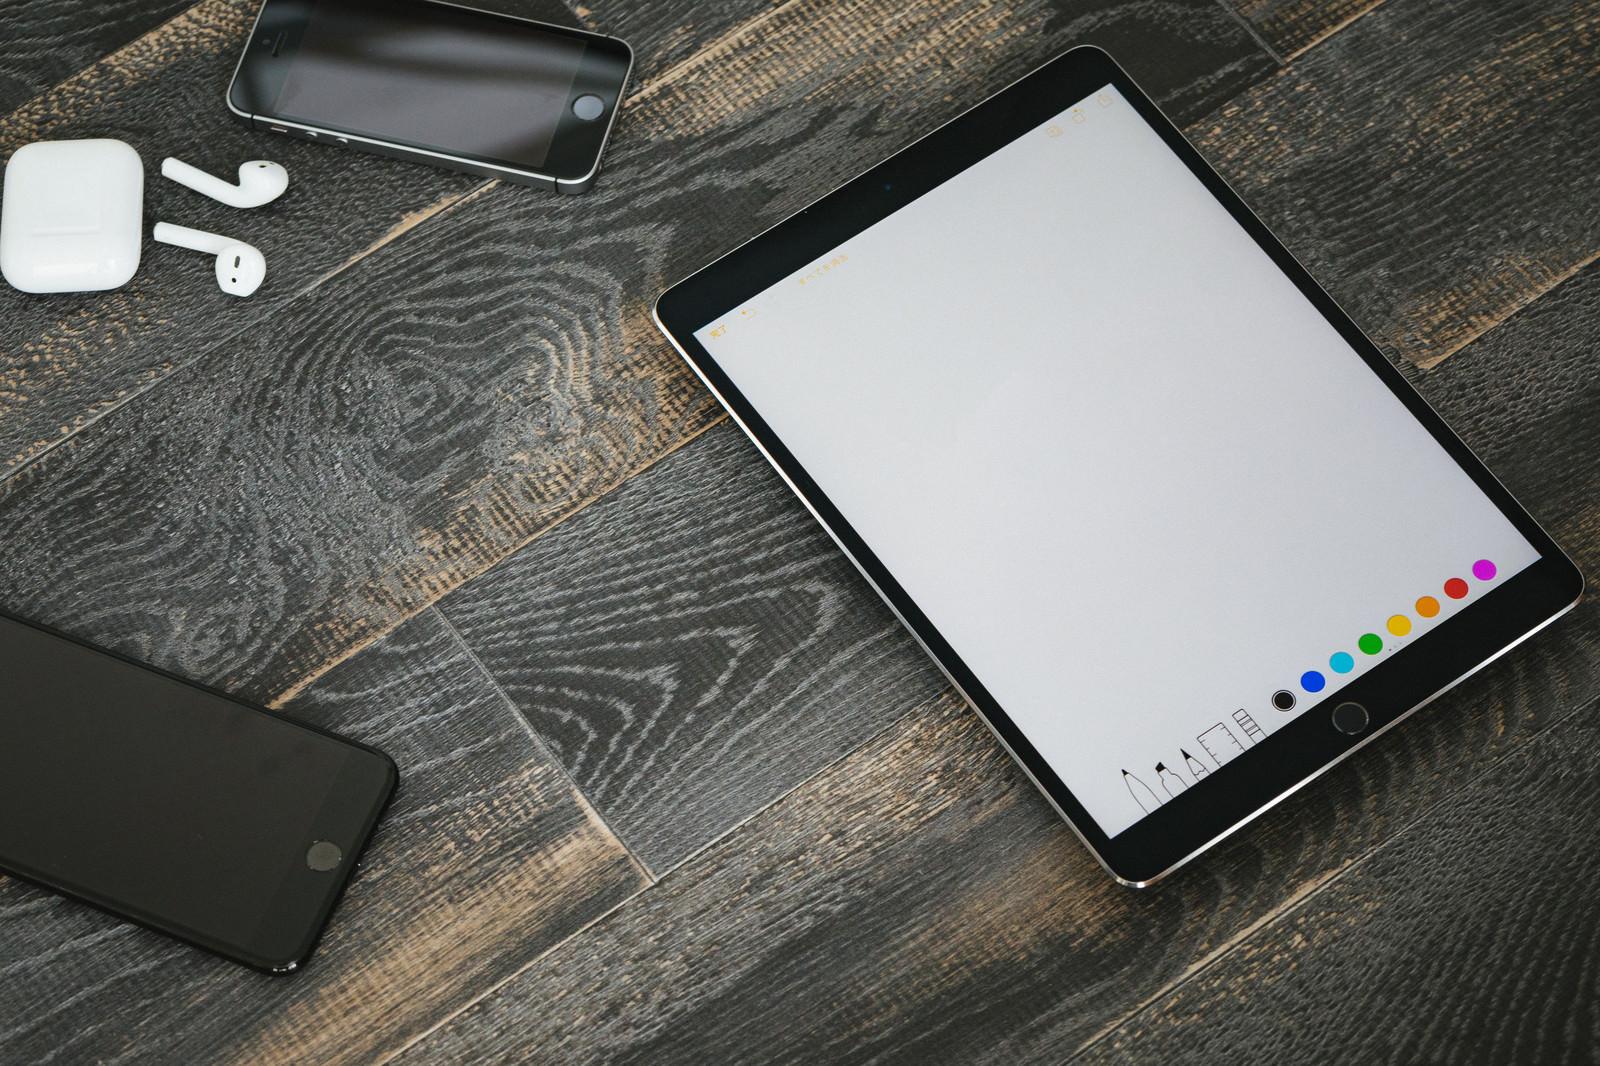 「絵が描きやすい大画面のタブレット端末」の写真